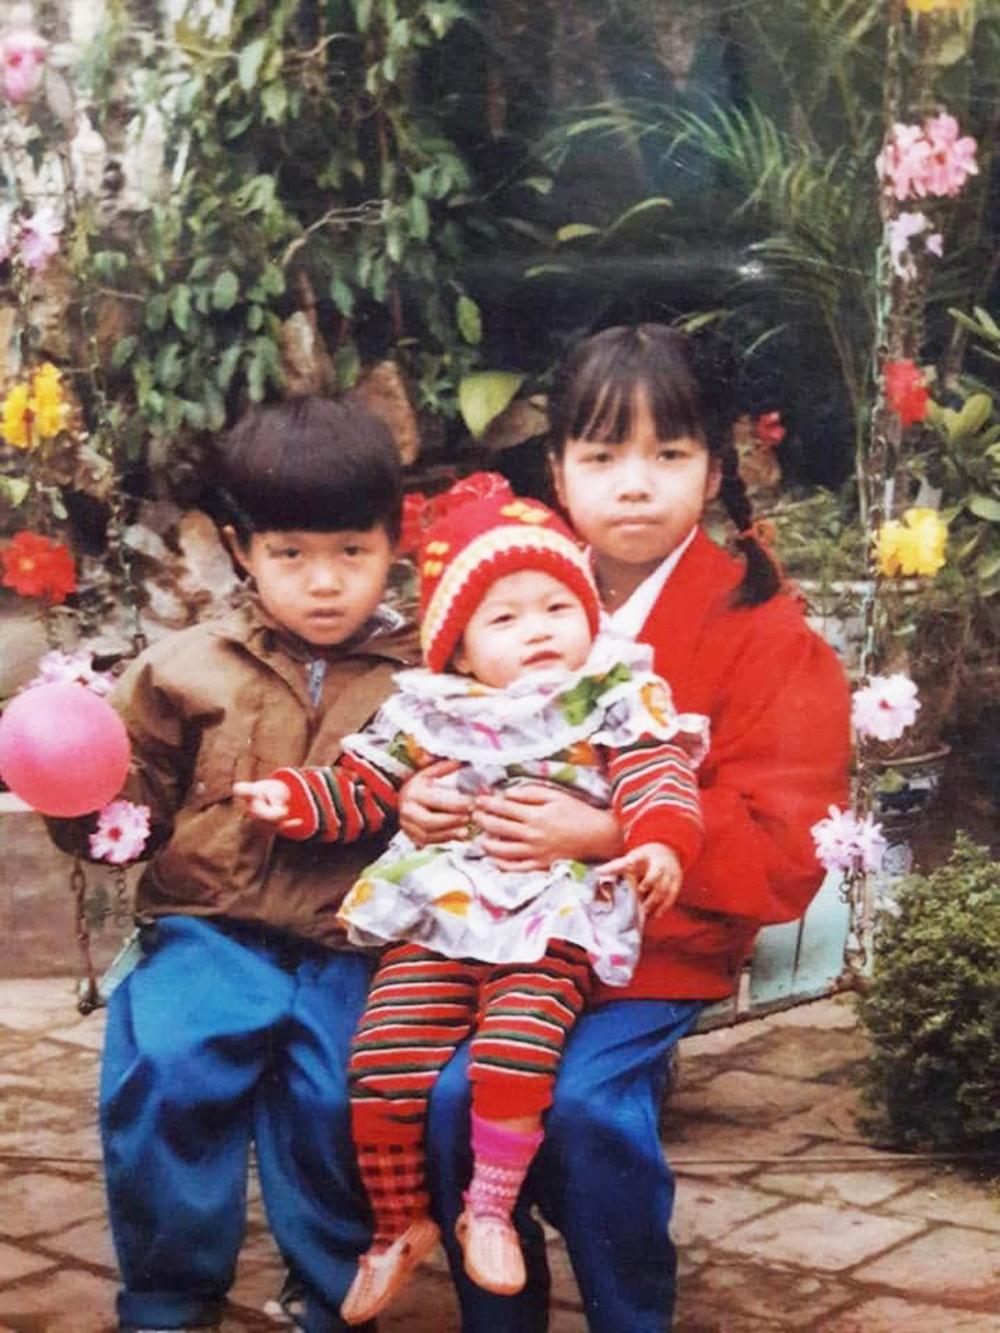 Hai con của anh Ngự chị Lâm lúc nhỏ cùng cháu ruột chị Lâm - Ảnh: nhân vật cung cấp